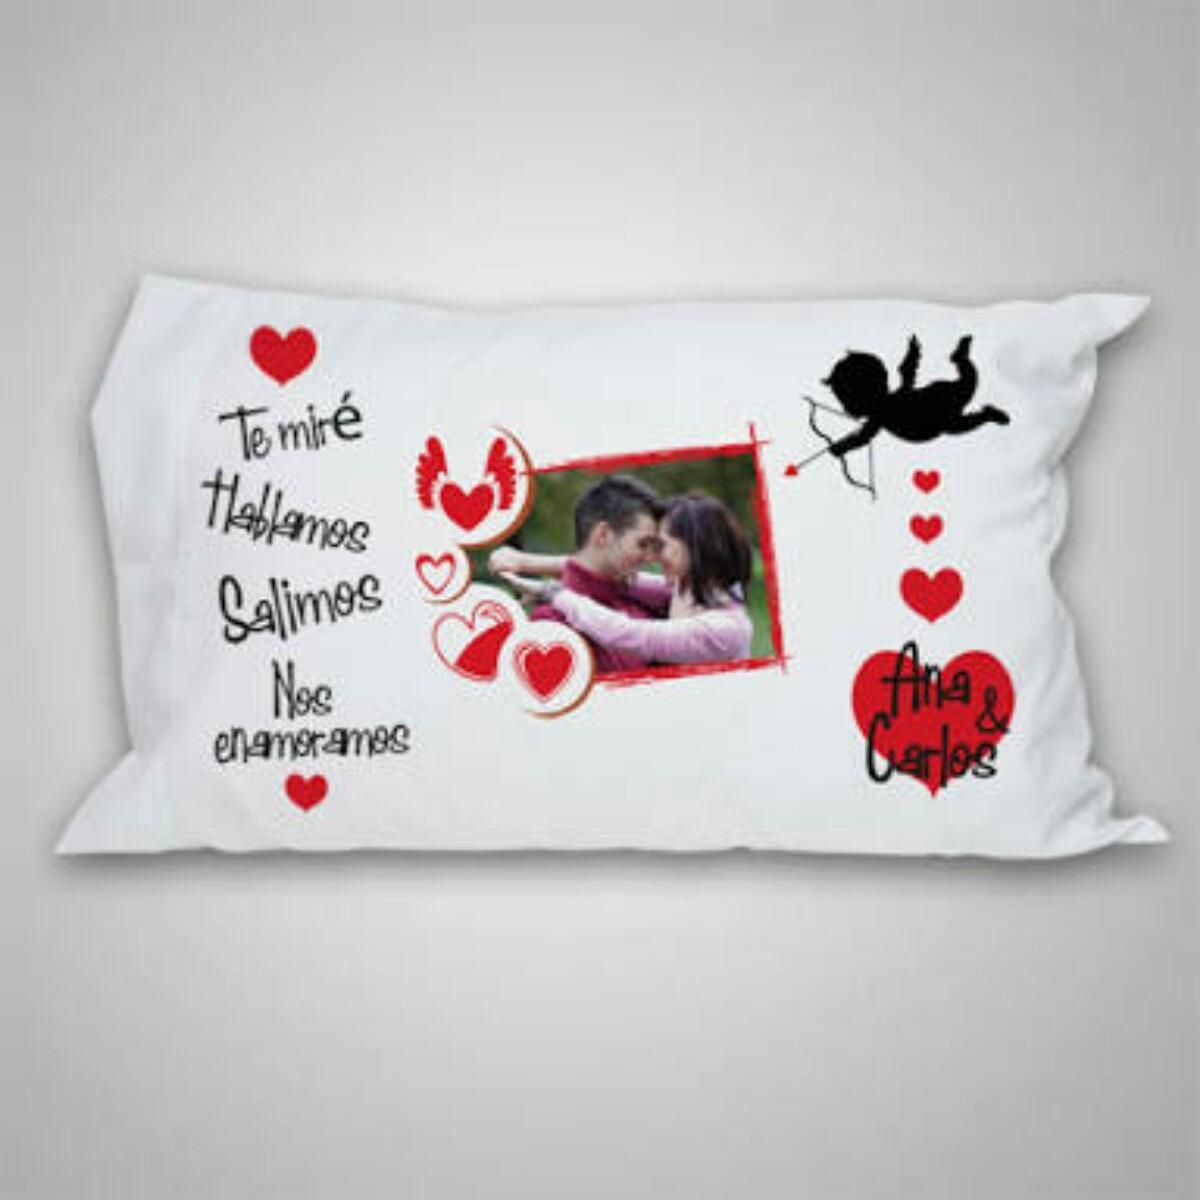 Almohada personalizada enamorados san valent n regalos s 35 00 en mercado libre - Cojines con tu foto ...